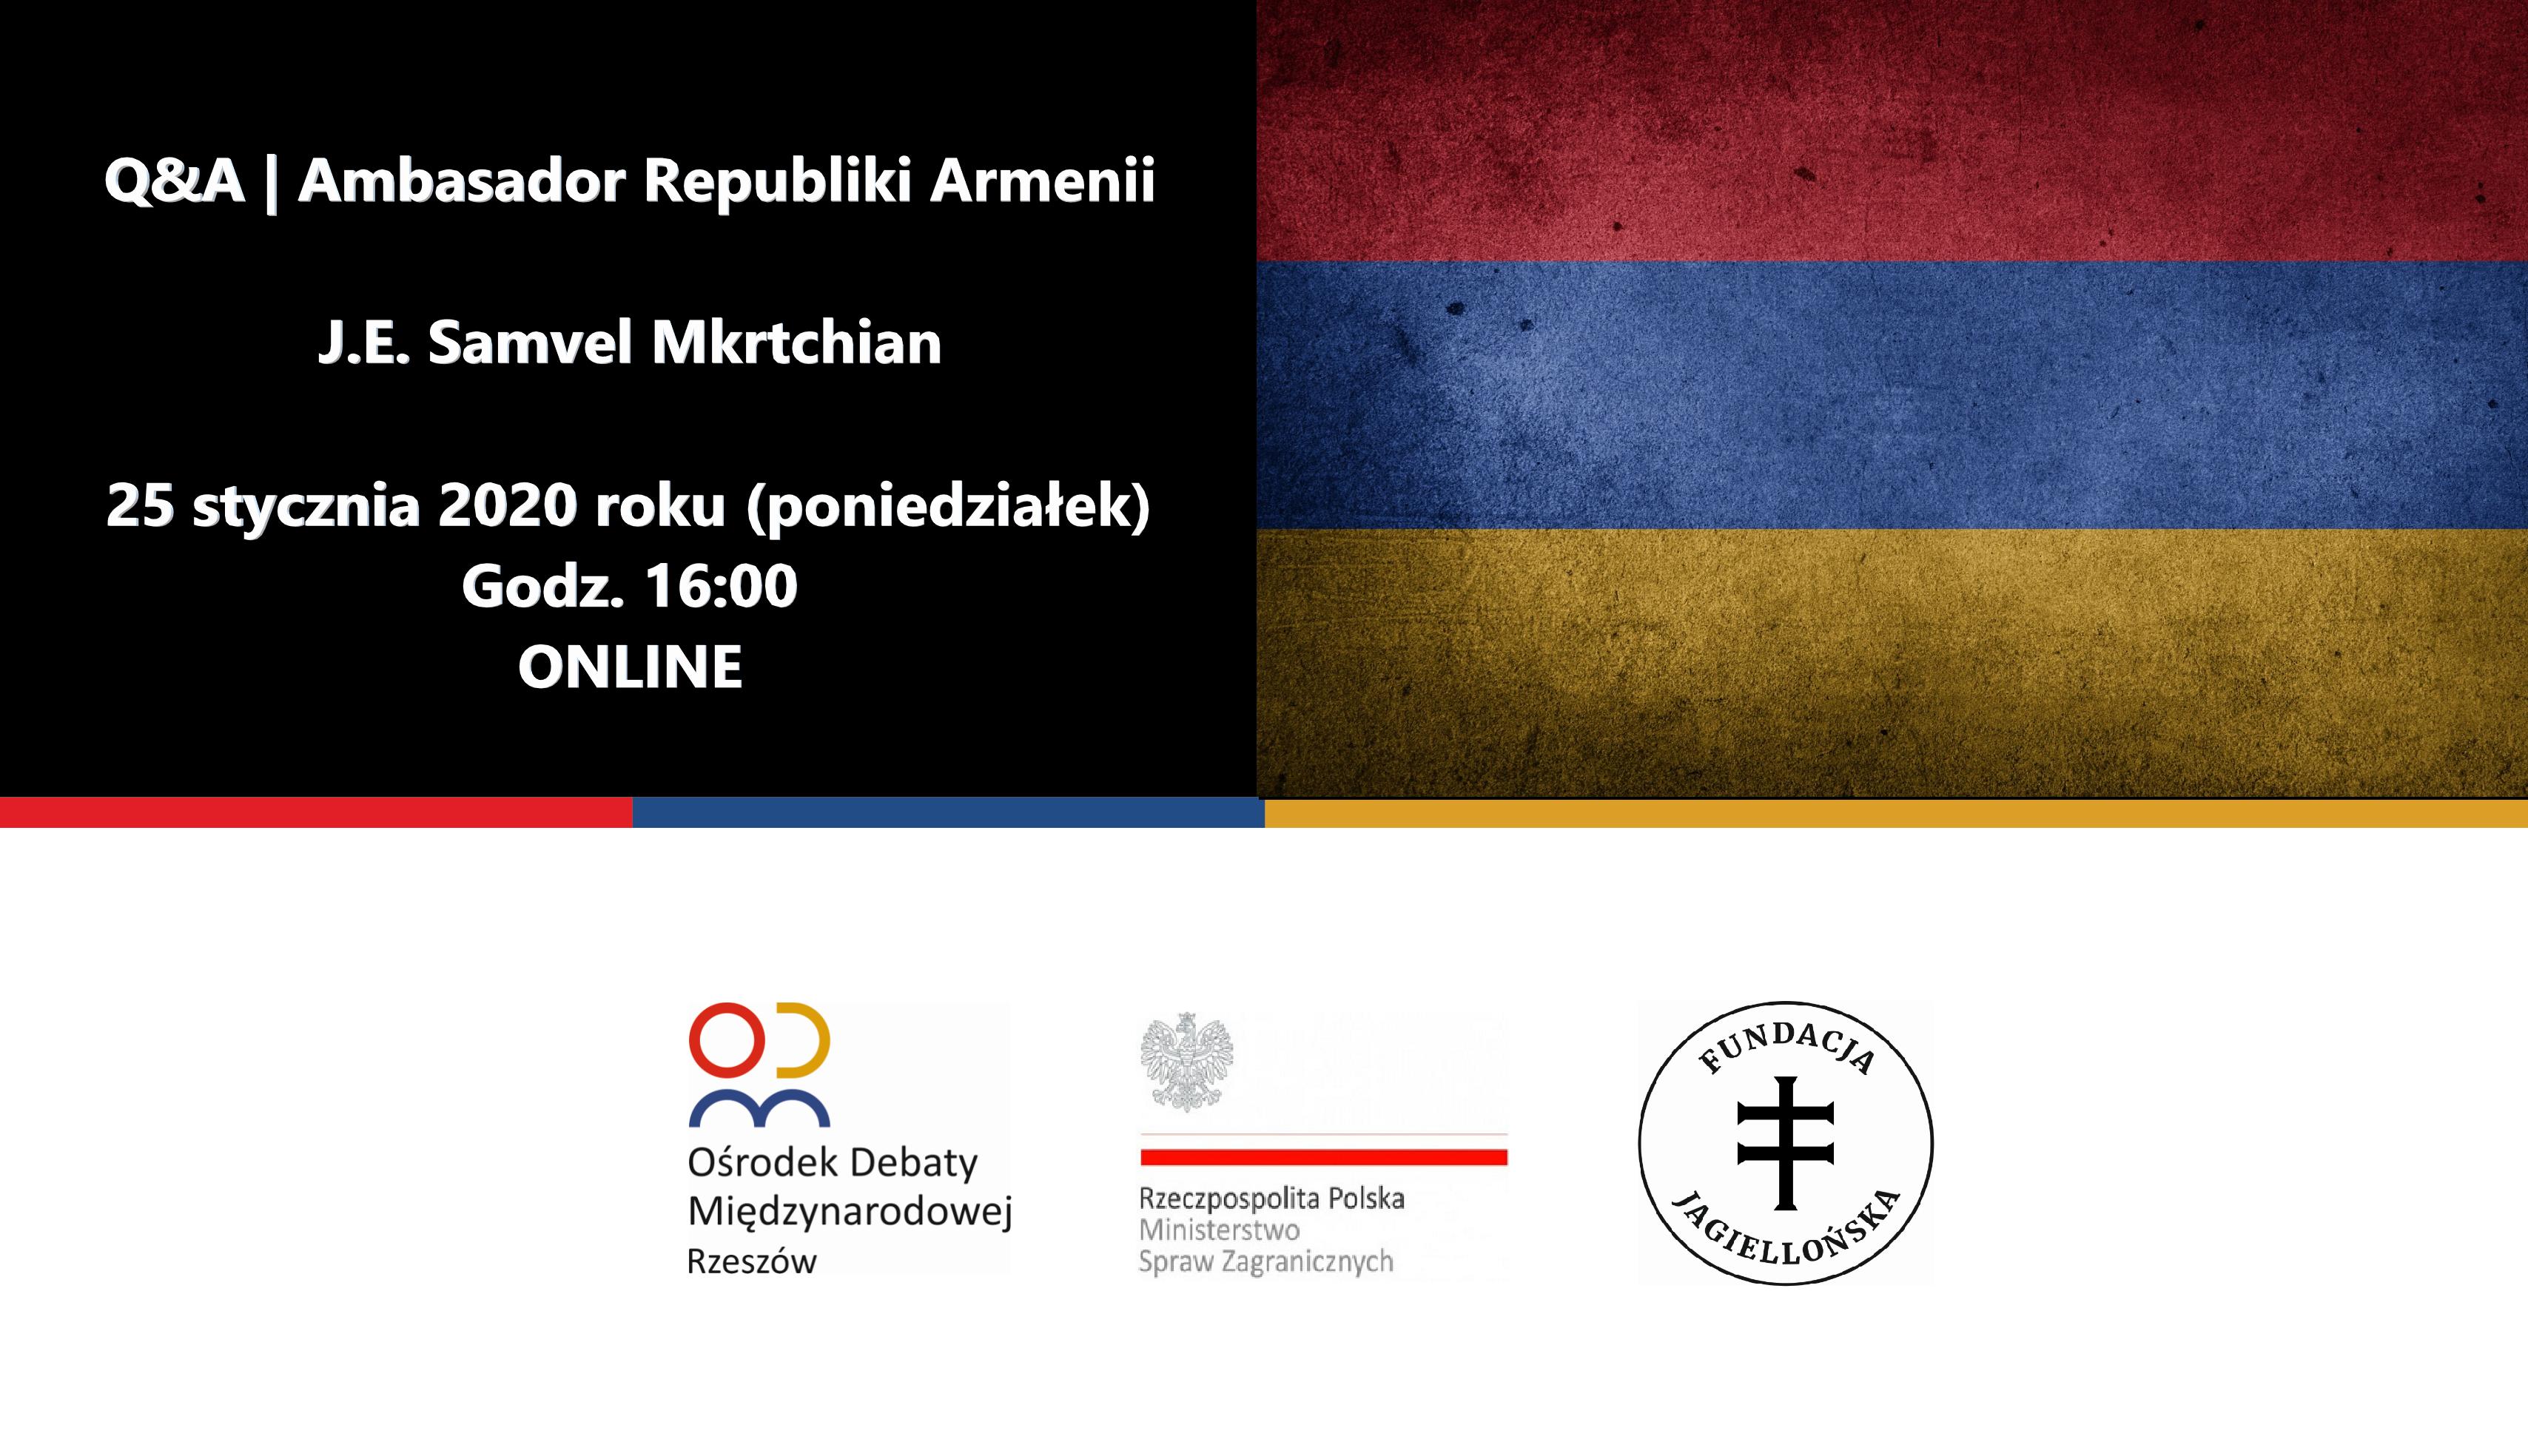 Amabasadro Armenii